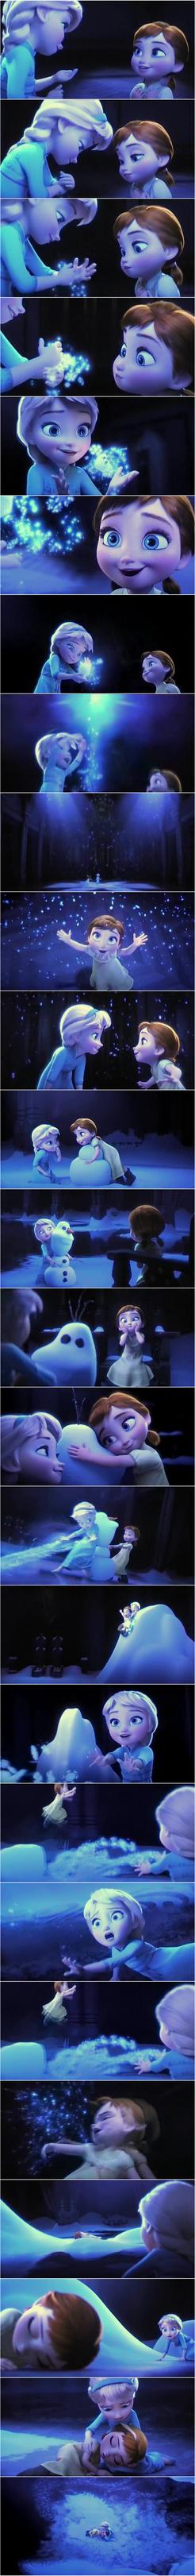 Frozen  by LorSean